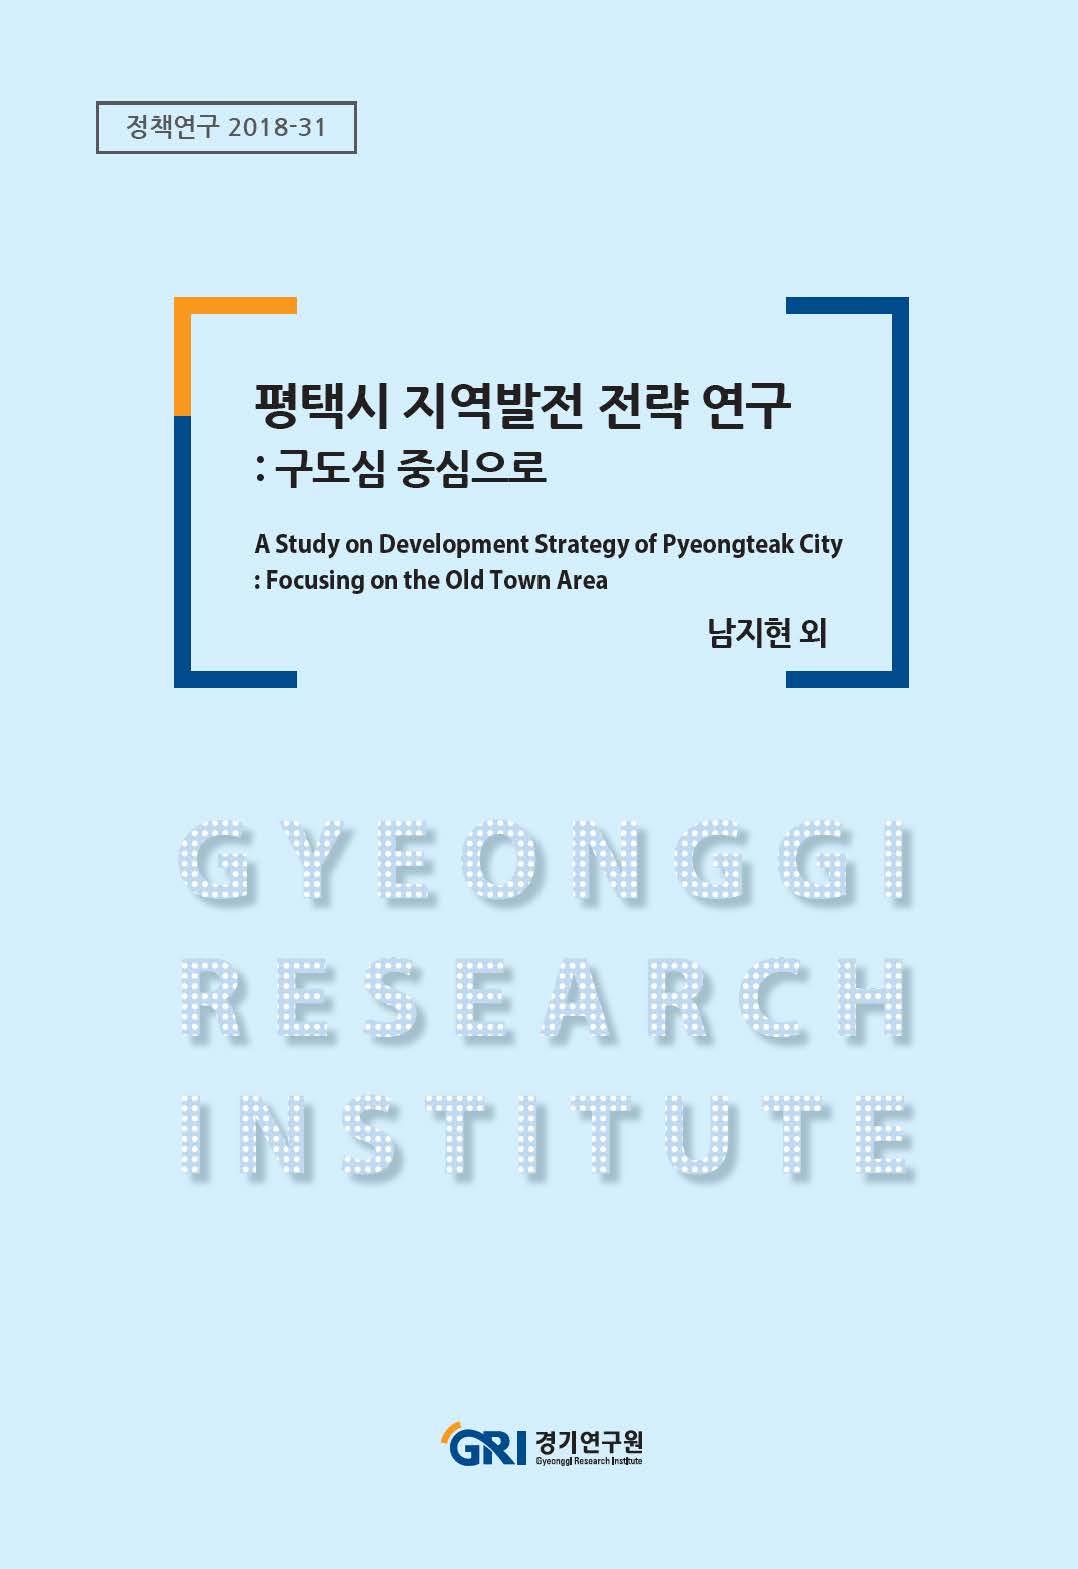 평택시 지역발전 전략 연구 : 구도심 중심으로